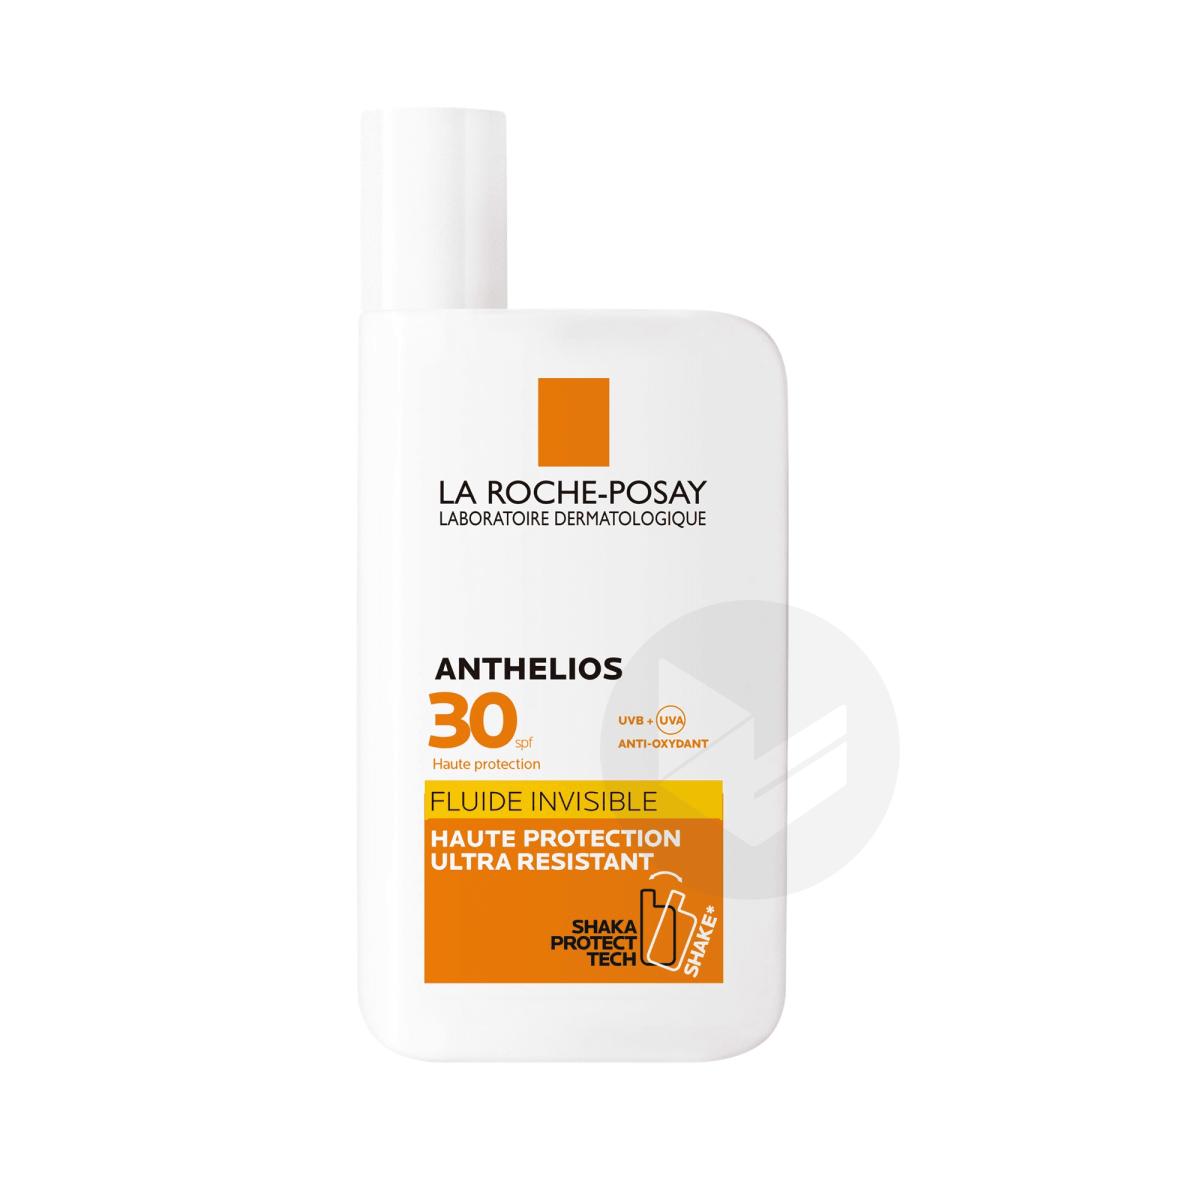 Anthelios Crème Solaire en Fluide Invisible Visage SPF30 Avec Parfum 50ml